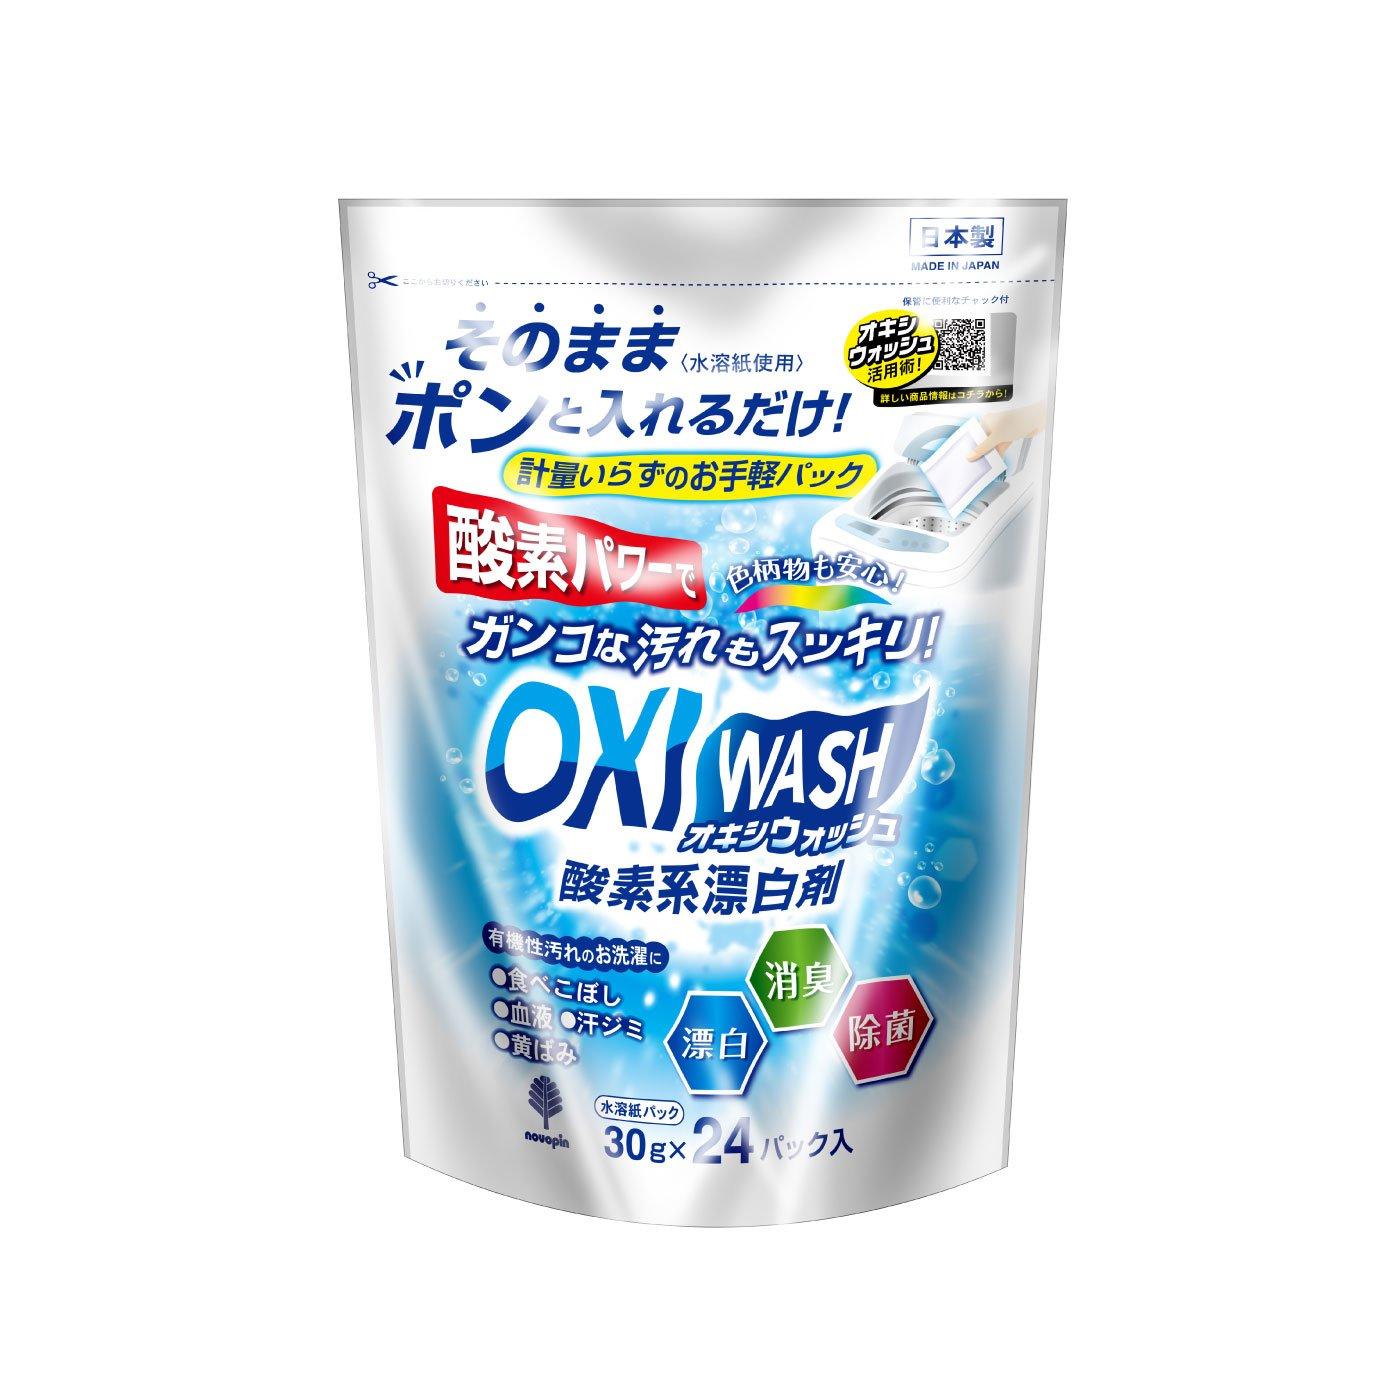 酸素パワーで汚れすっきり! OXI WASH(オキシウォッシュ)手間なしパックの会